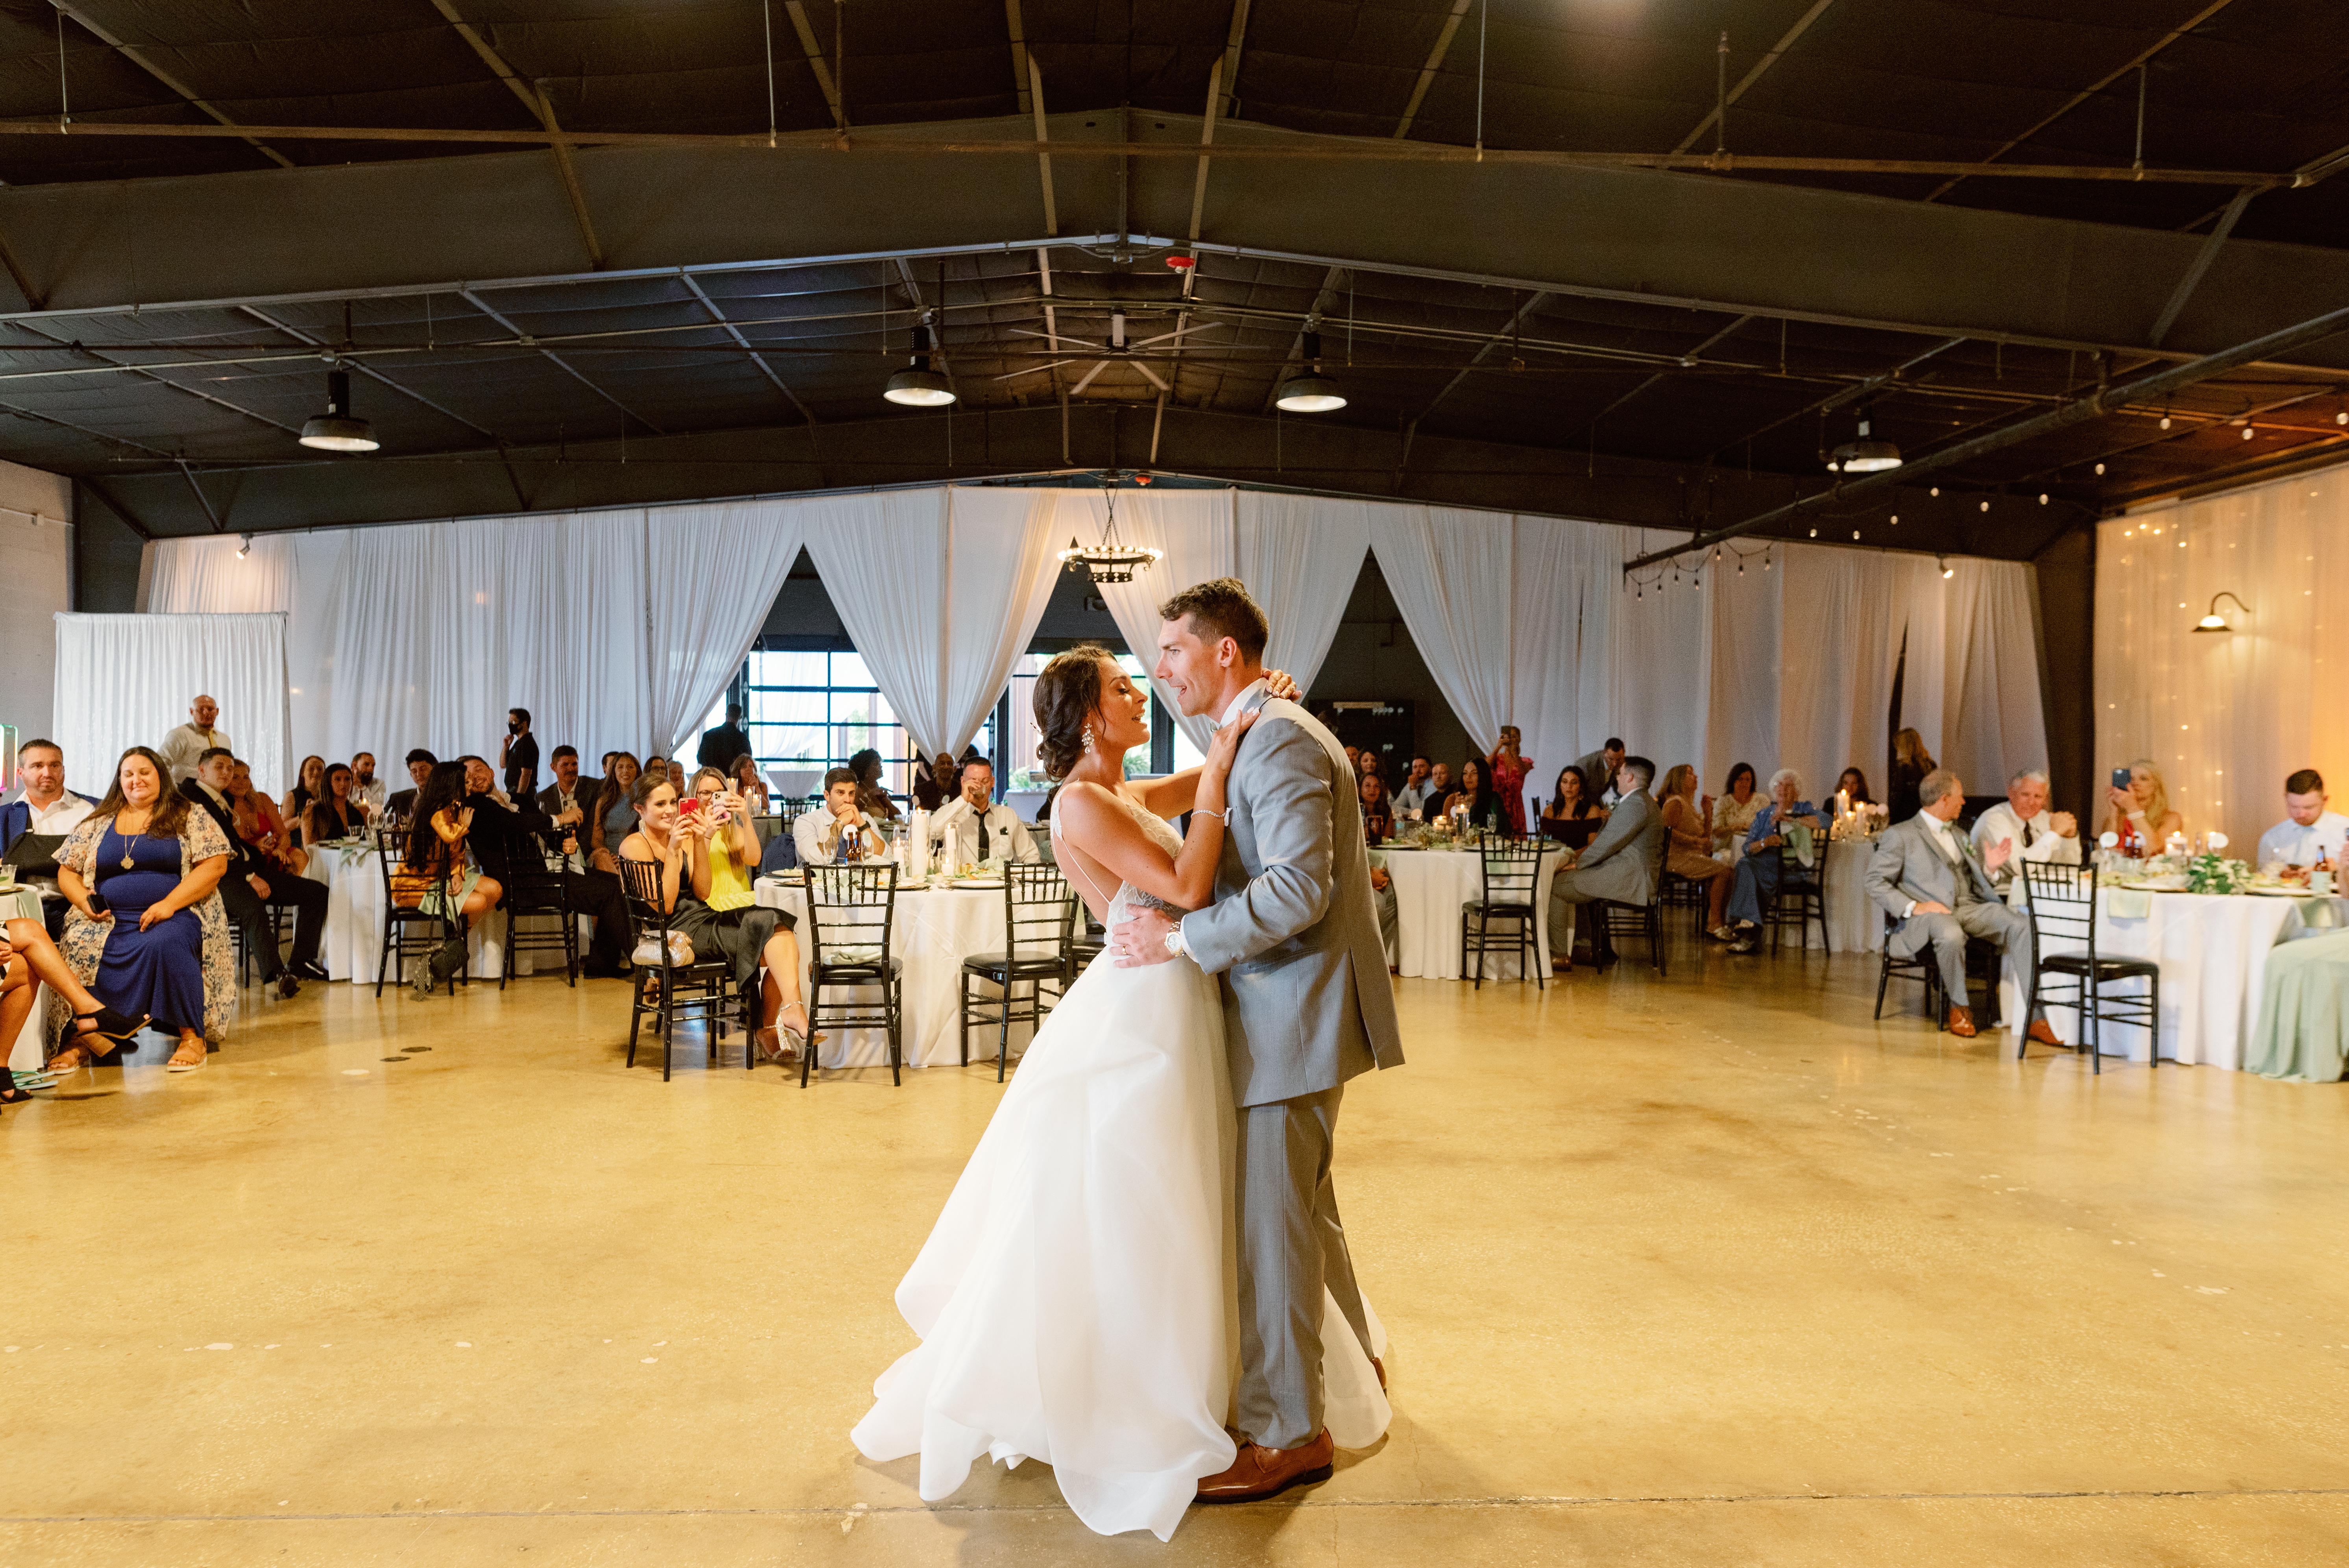 Venue-650-Wedding-Gumiela-15-copy-2